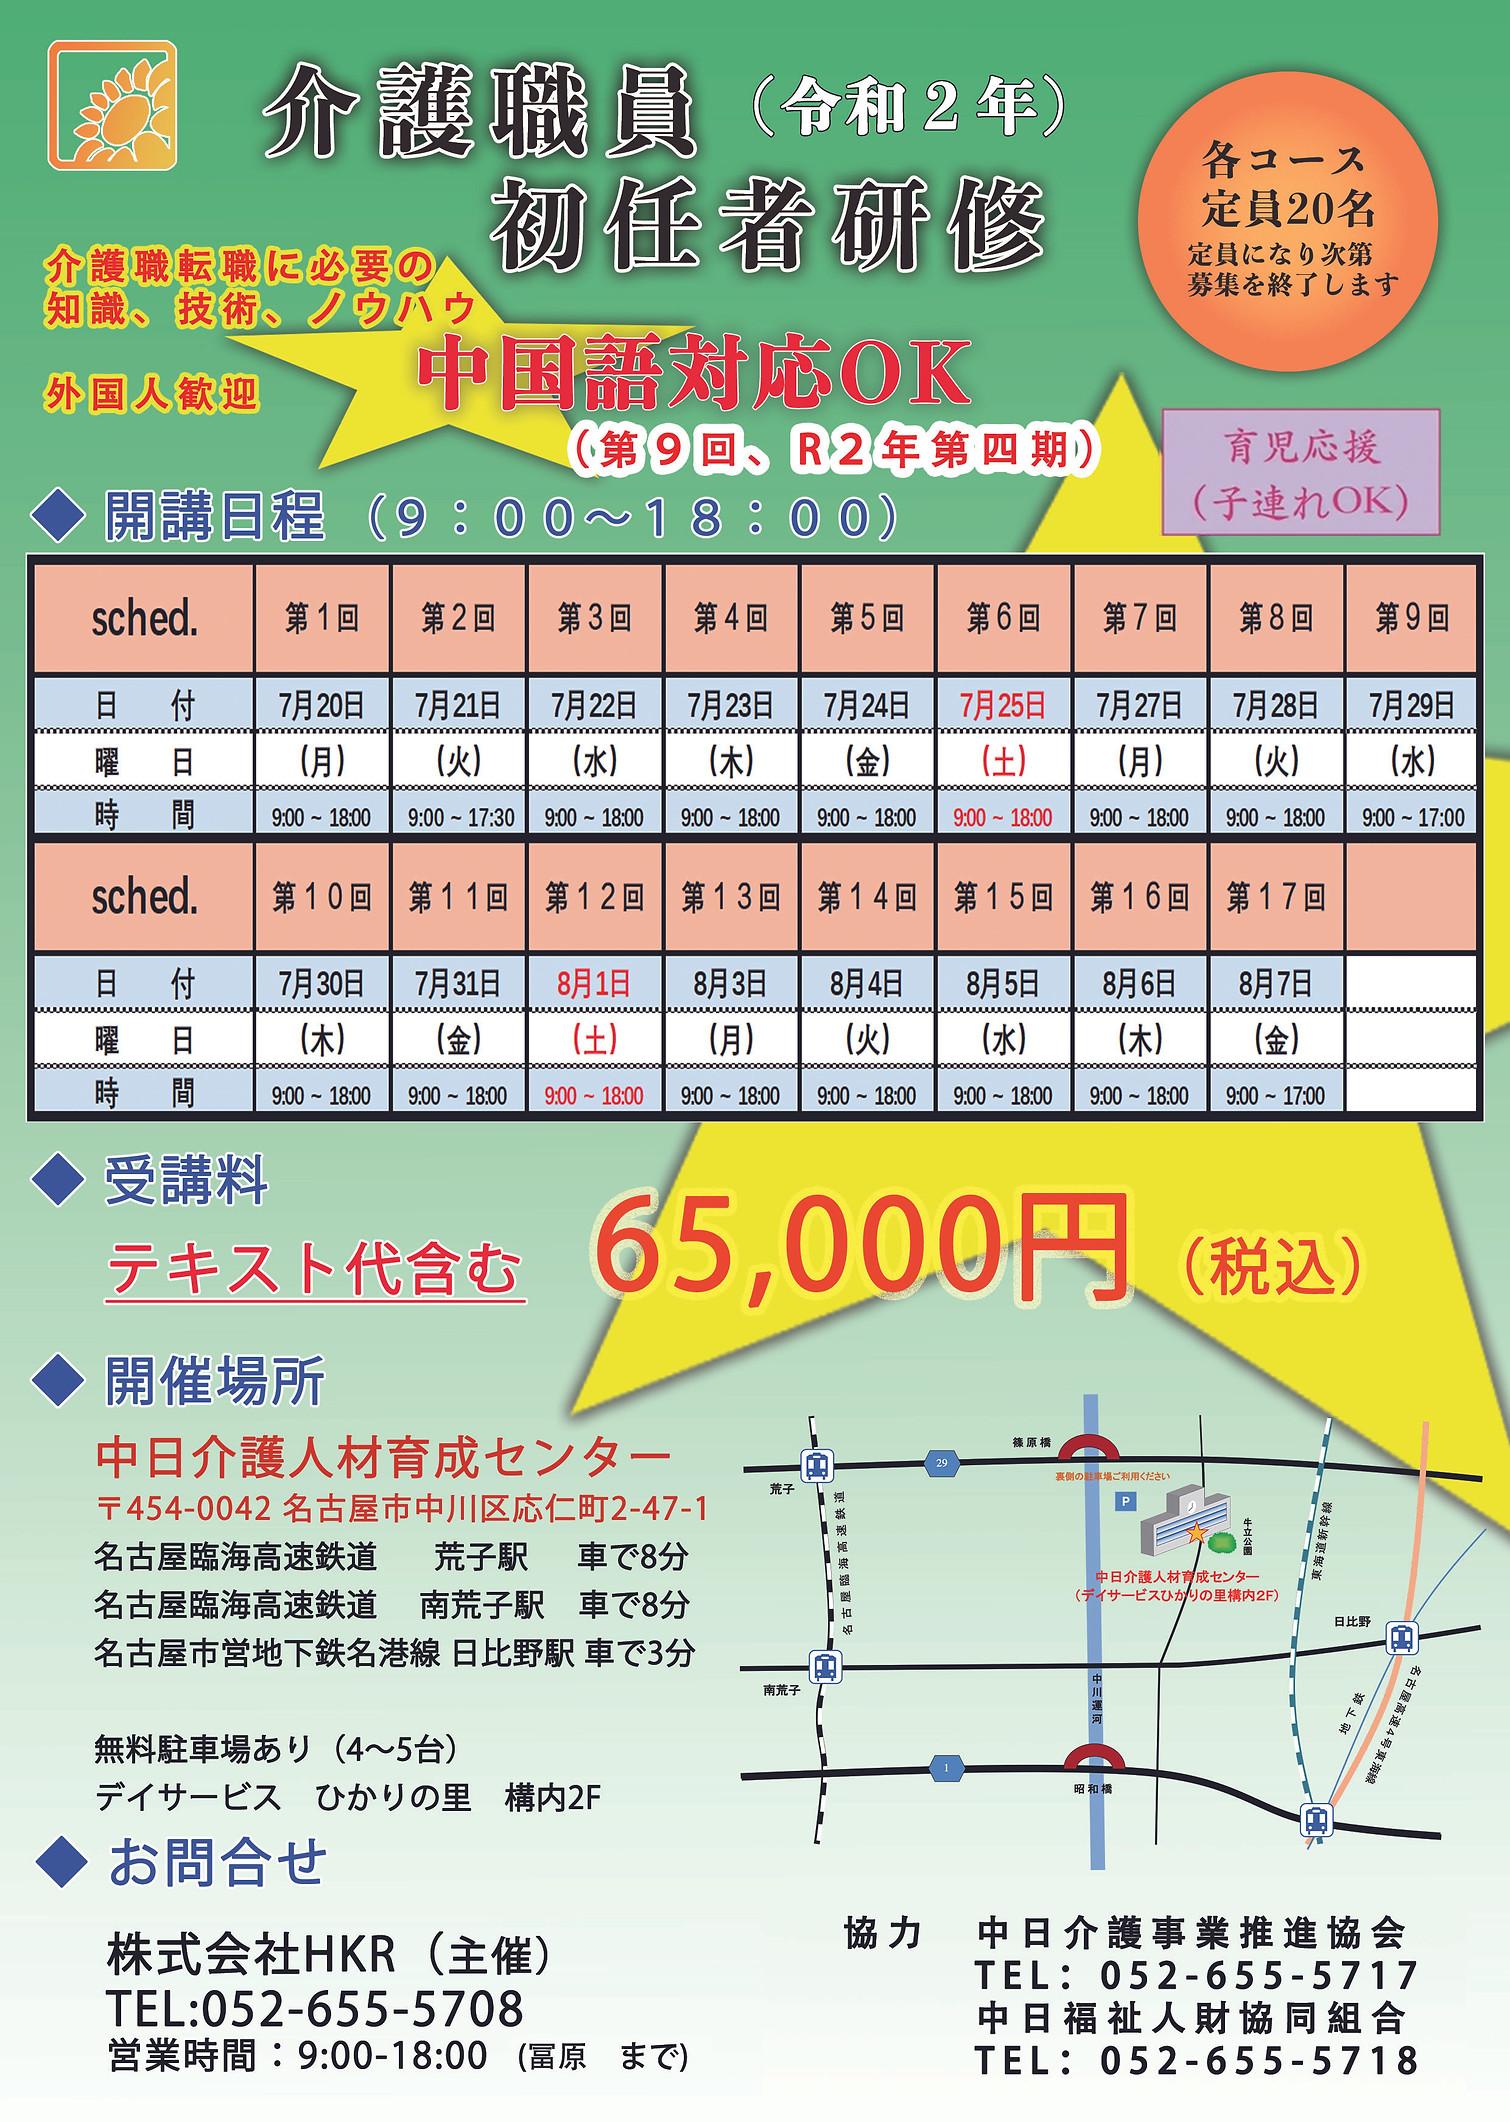 (株)HKR第九回介護職員初任者研修.jpg